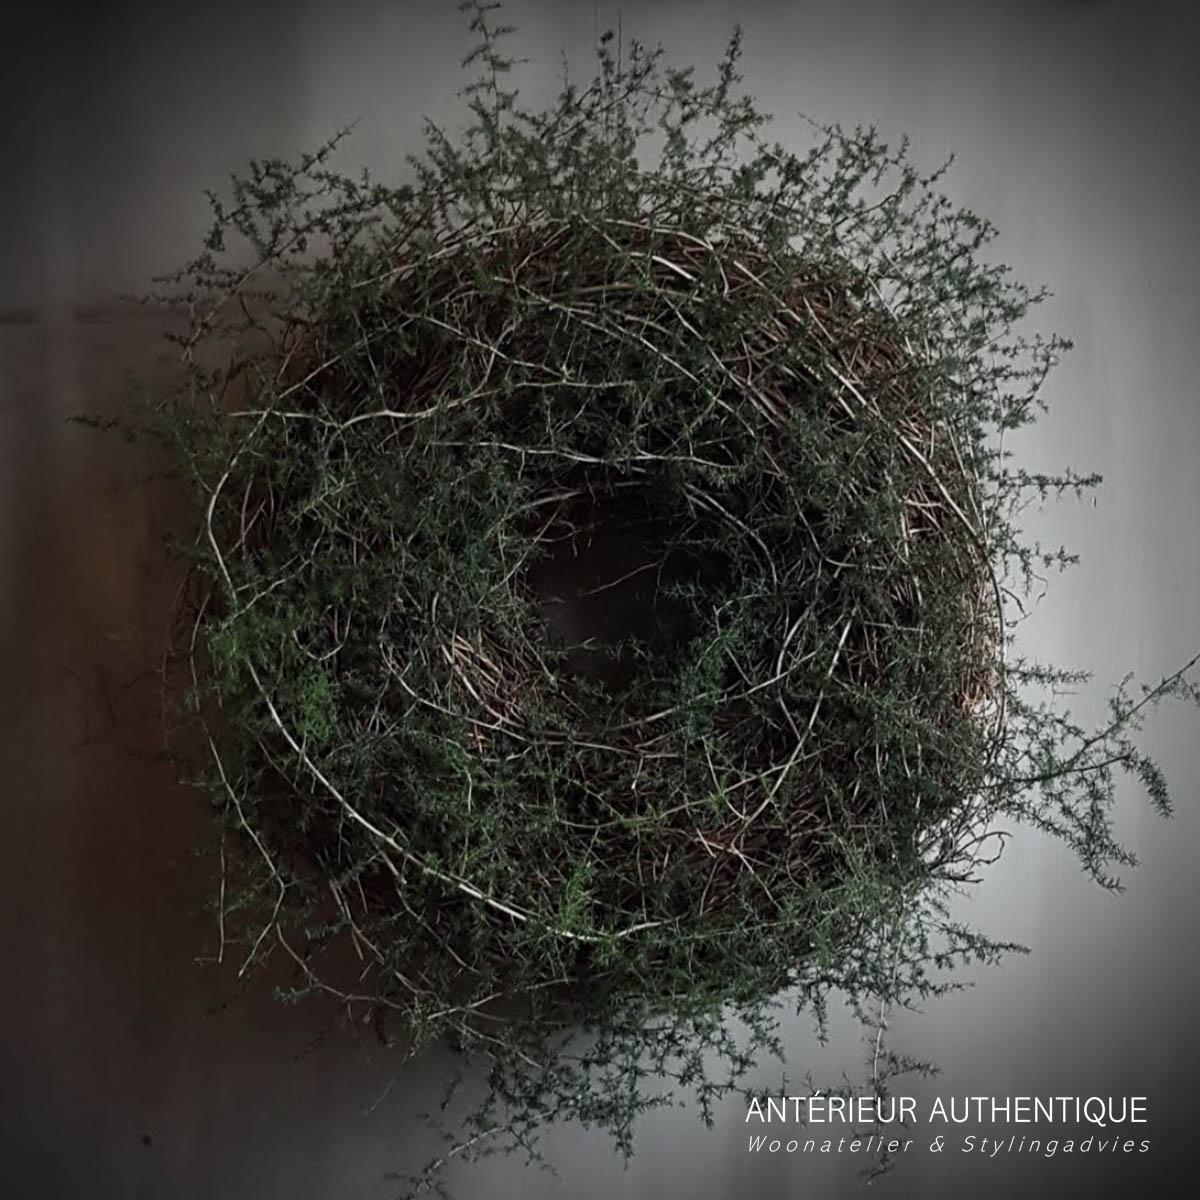 Afbeelding van krans wilde asparages voor gebruik als indexfoto in de Antérieur Authentique webshop